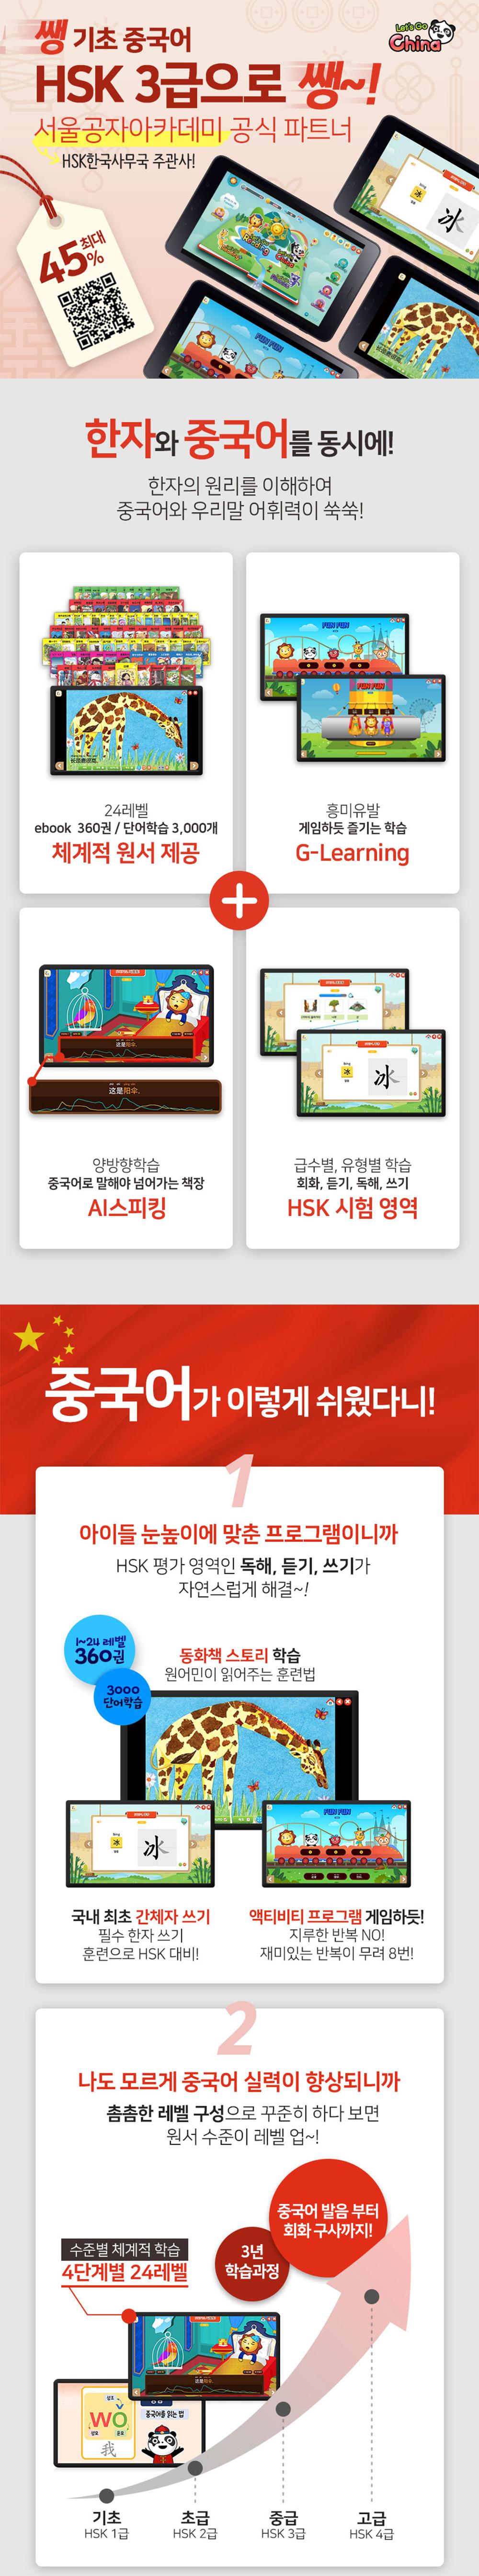 letsgo_china_1.jpg